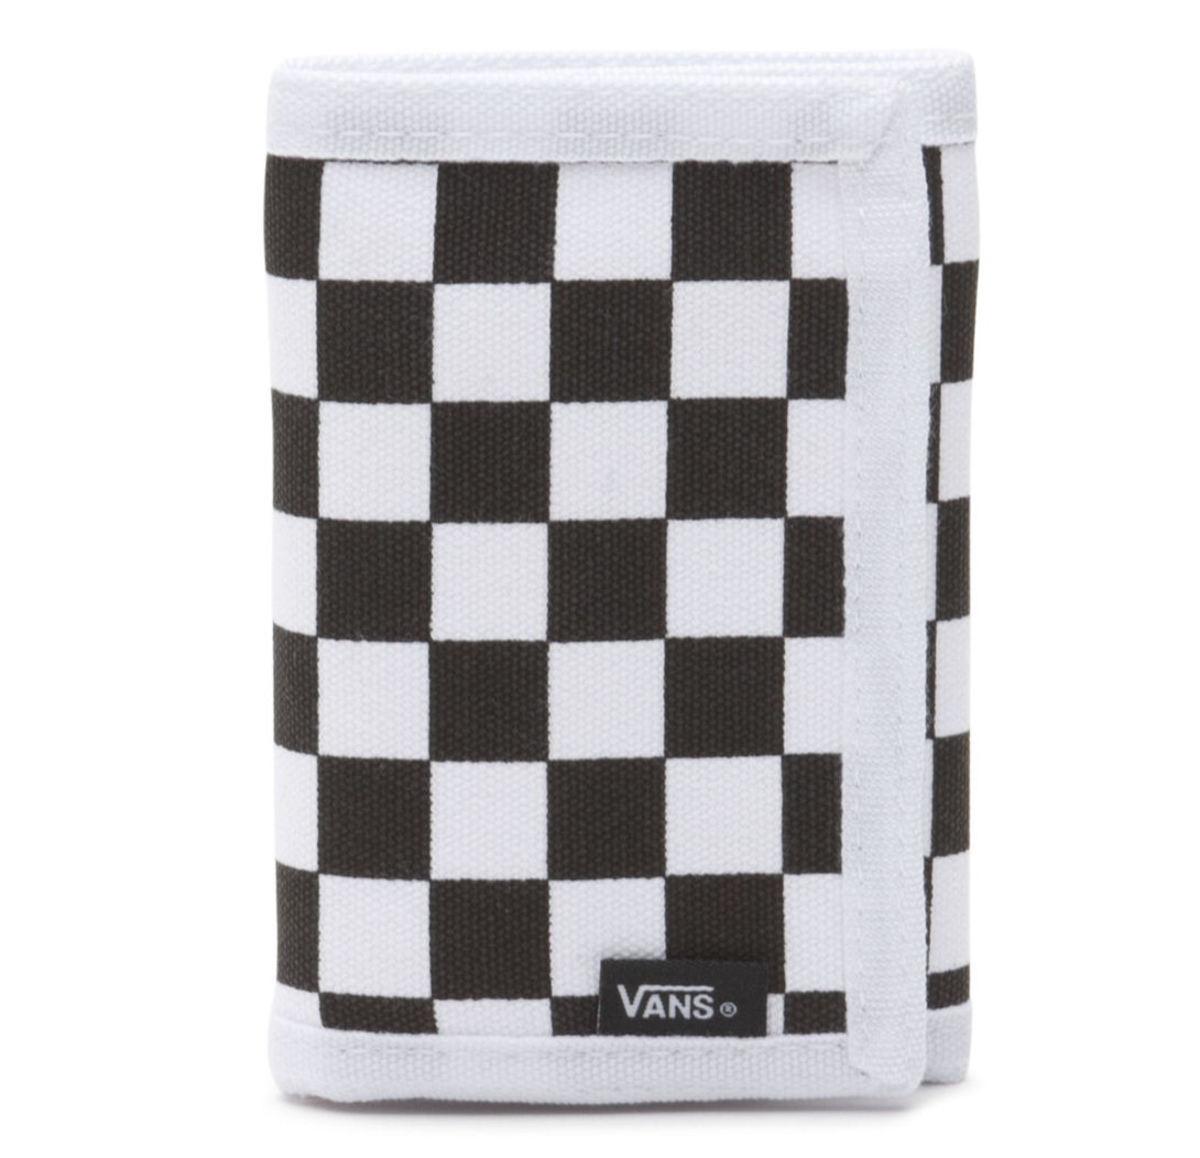 peňaženka VANS - Slipped - Black/White